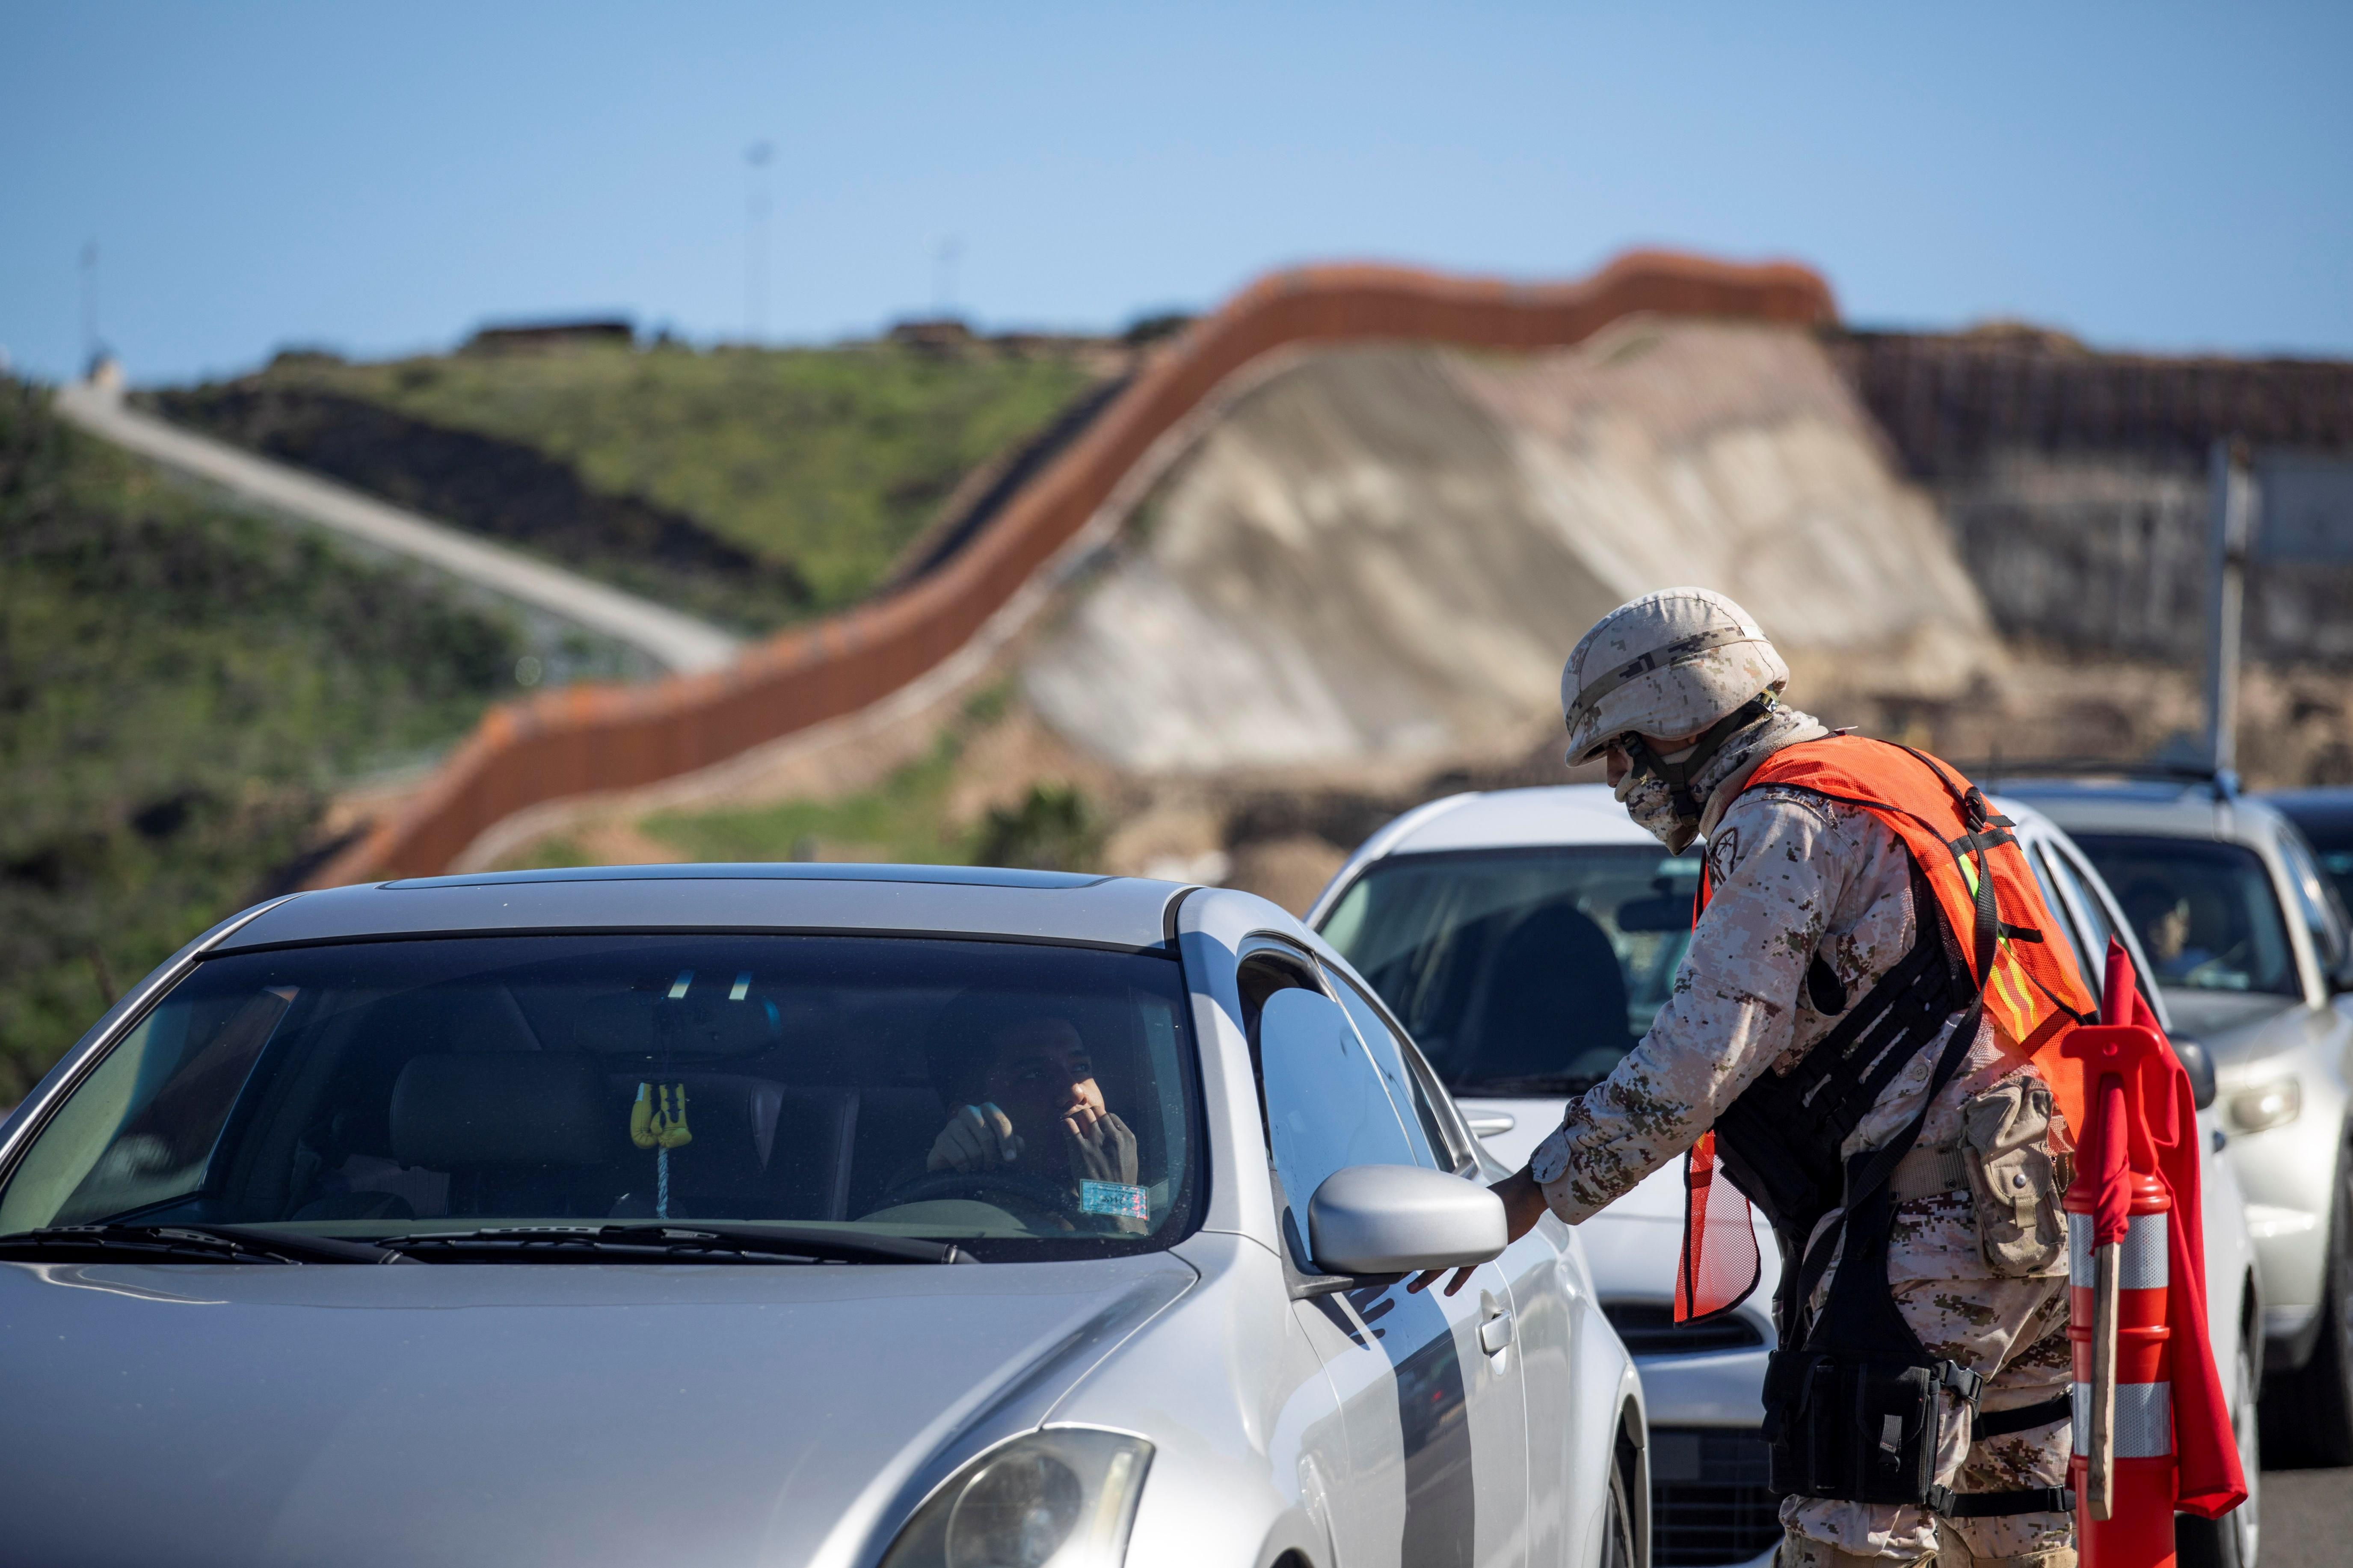 Las amenazas de lso carteles responden a los fuertes contingentes desplegados en Tijuana, dicen las autoridades. (Foto Prensa Libre: EFE)